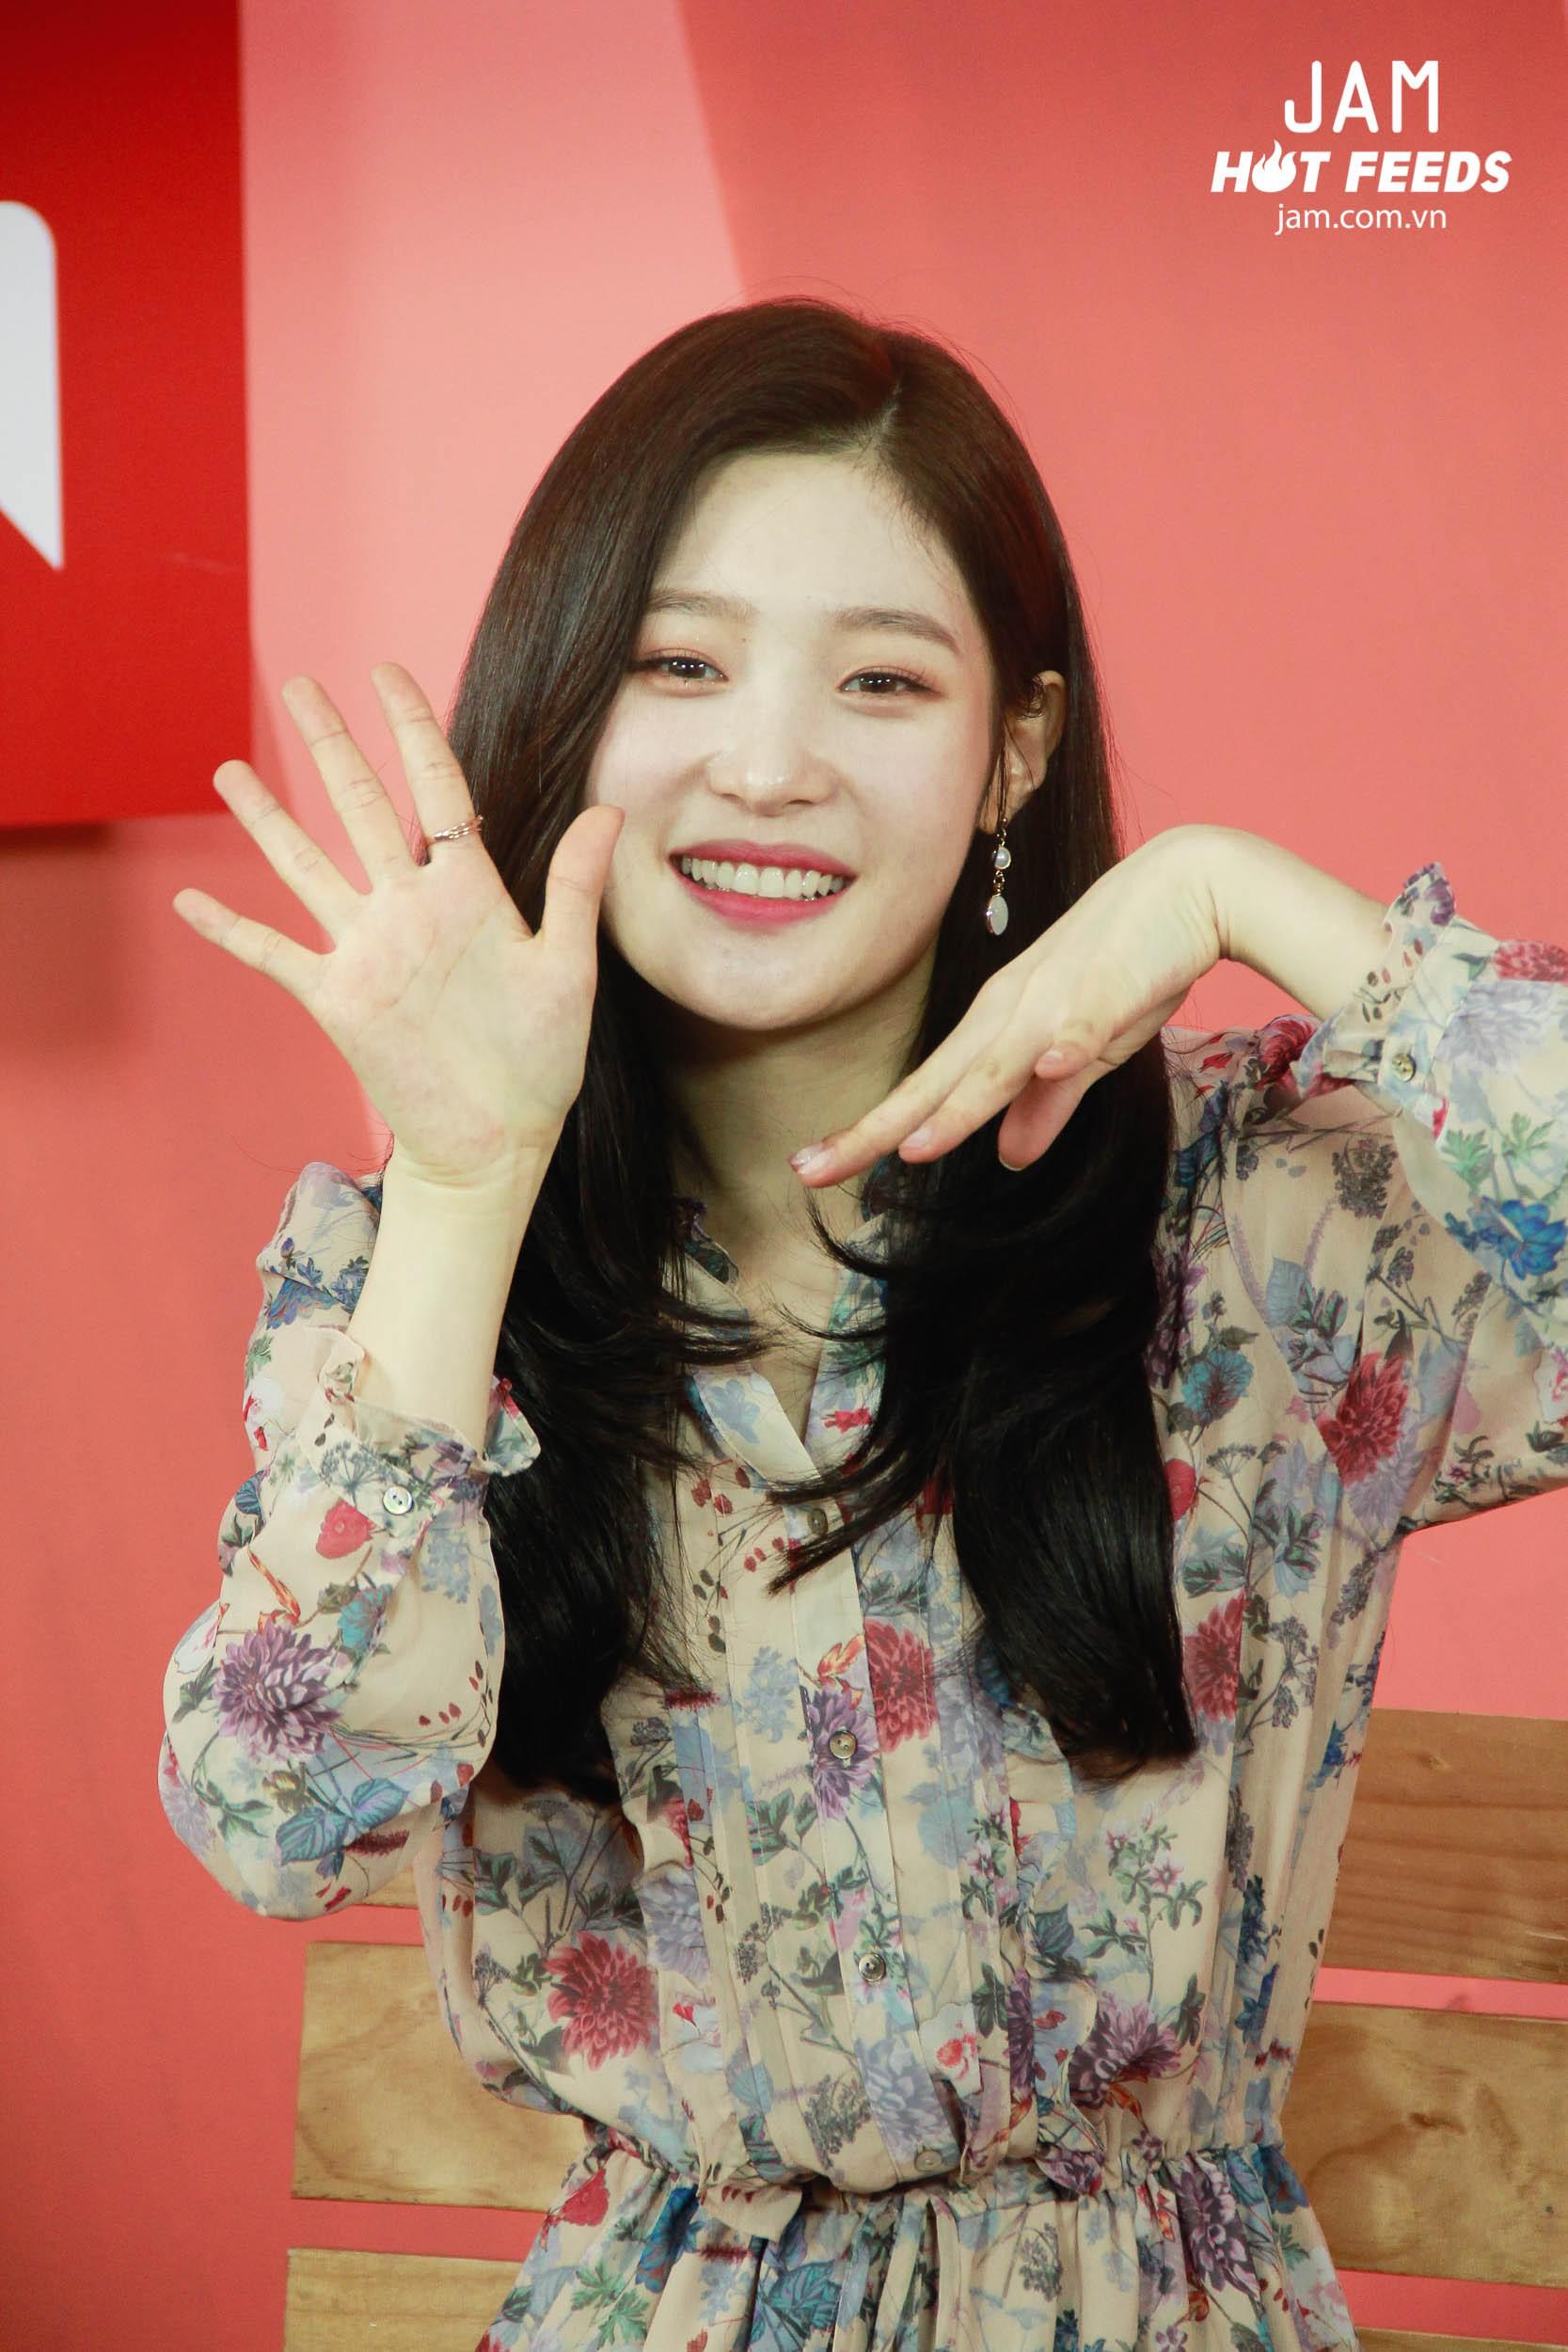 Xứng danh nữ thần thế hệ mới, Chae Yeon đẹp đến xiêu lòng trong bất kỳ khoảnh khắc nào! - Ảnh 7.